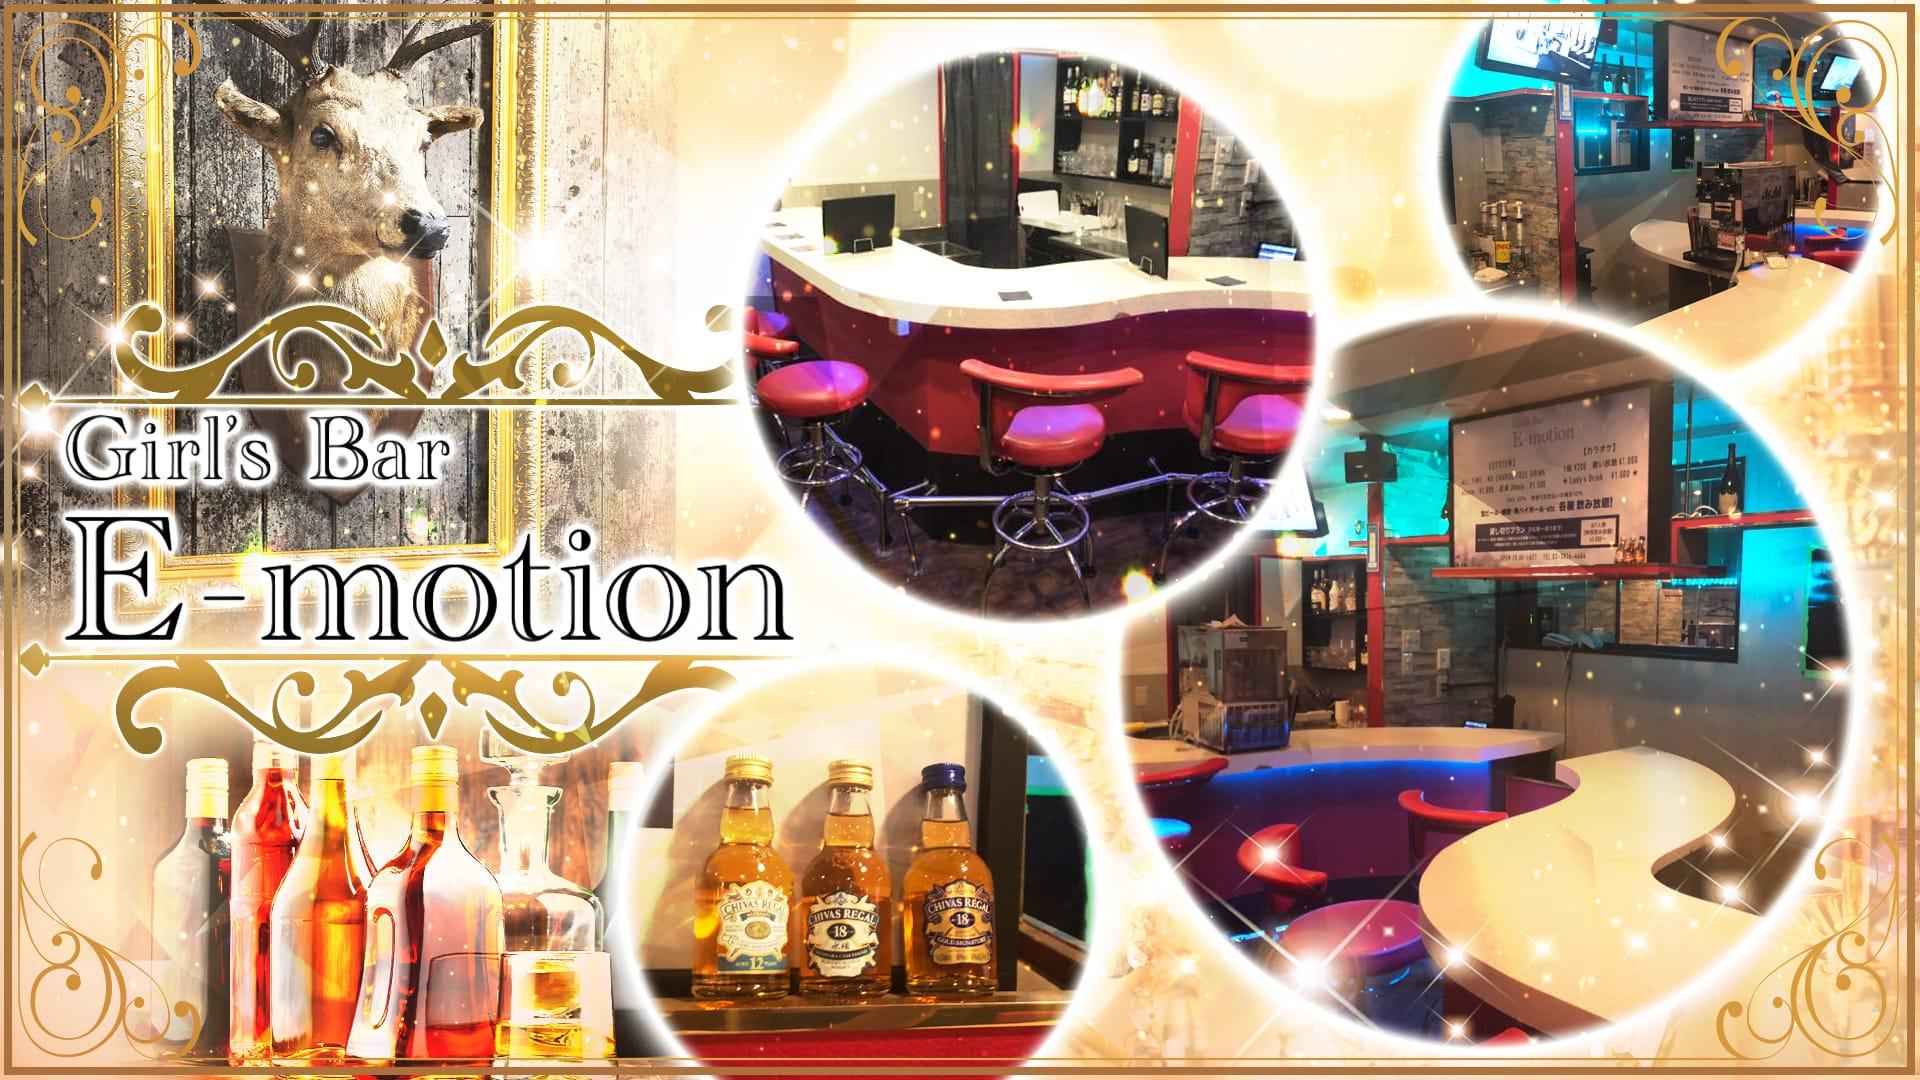 Girl's Bar E-motion (イーモーション) 上野ガールズバー TOP画像